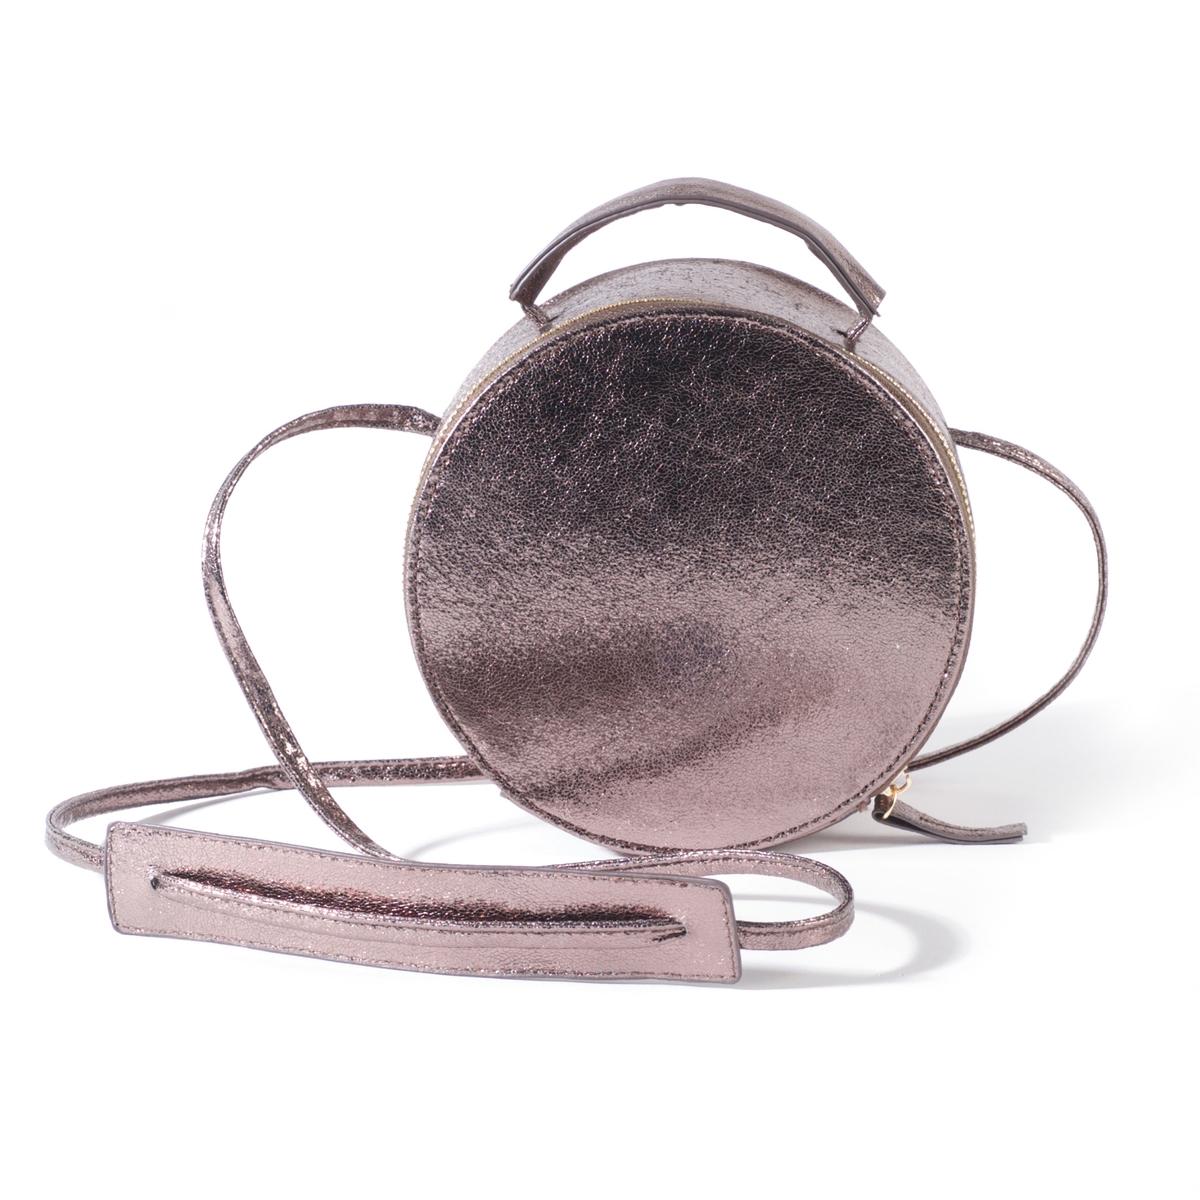 Сумка круглая маленькаяПреимущества: эта маленькая сумка подарит Вам прогулку налегке дизайнерская форма сумки - коробка для шляпы - добавит оригинальности Вашему образу.<br><br>Цвет: синий<br>Размер: единый размер